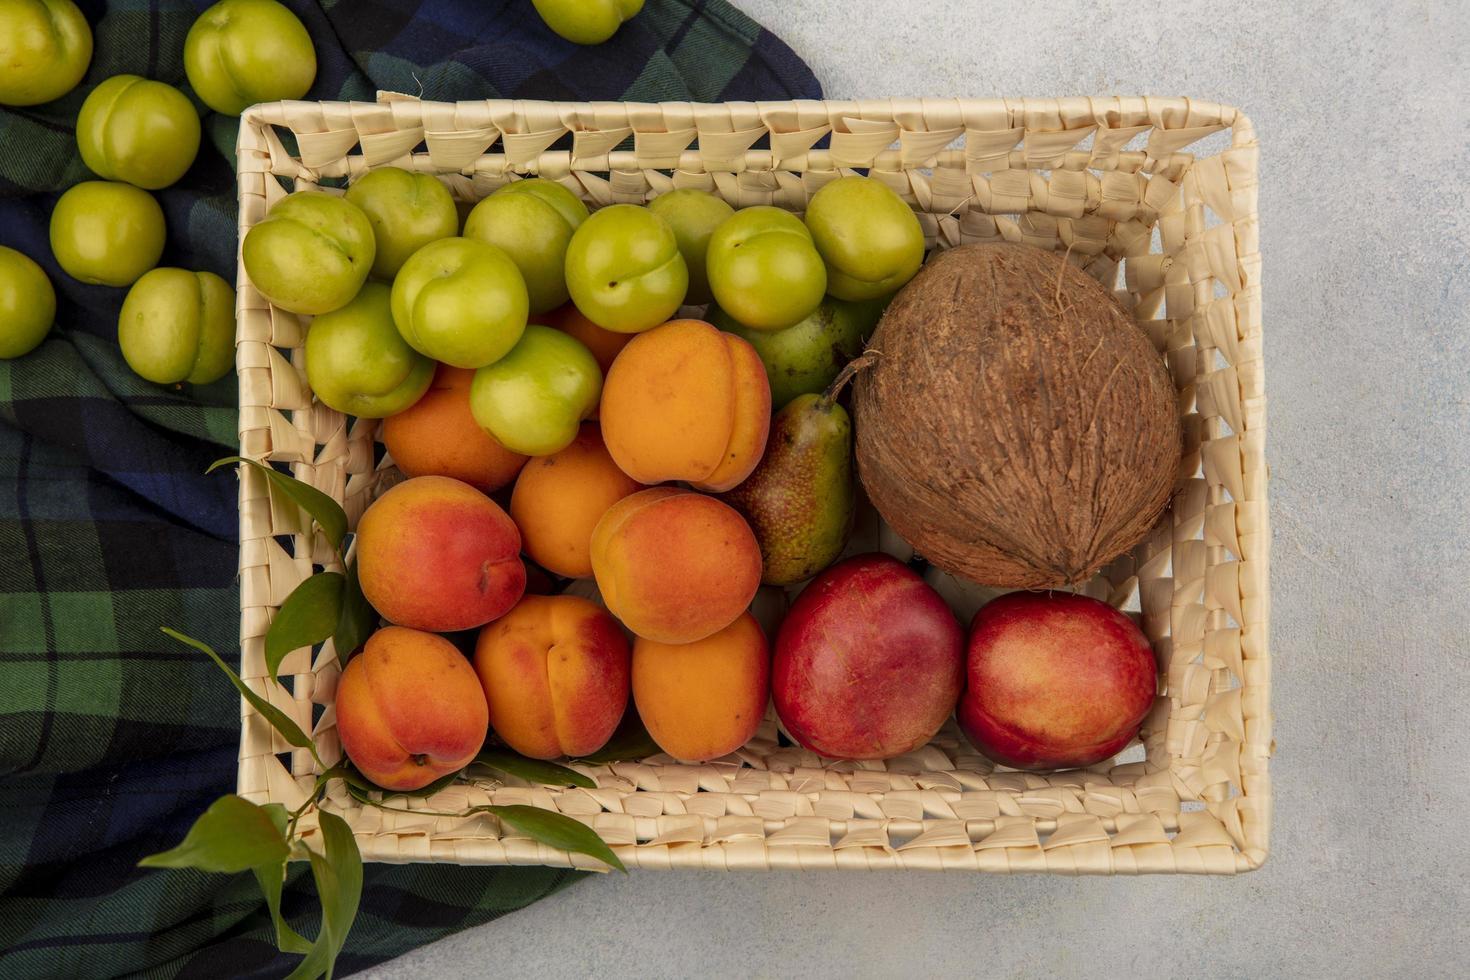 Lebensmittelfotografie flache Lage von verschiedenen Früchten in einem Korb foto